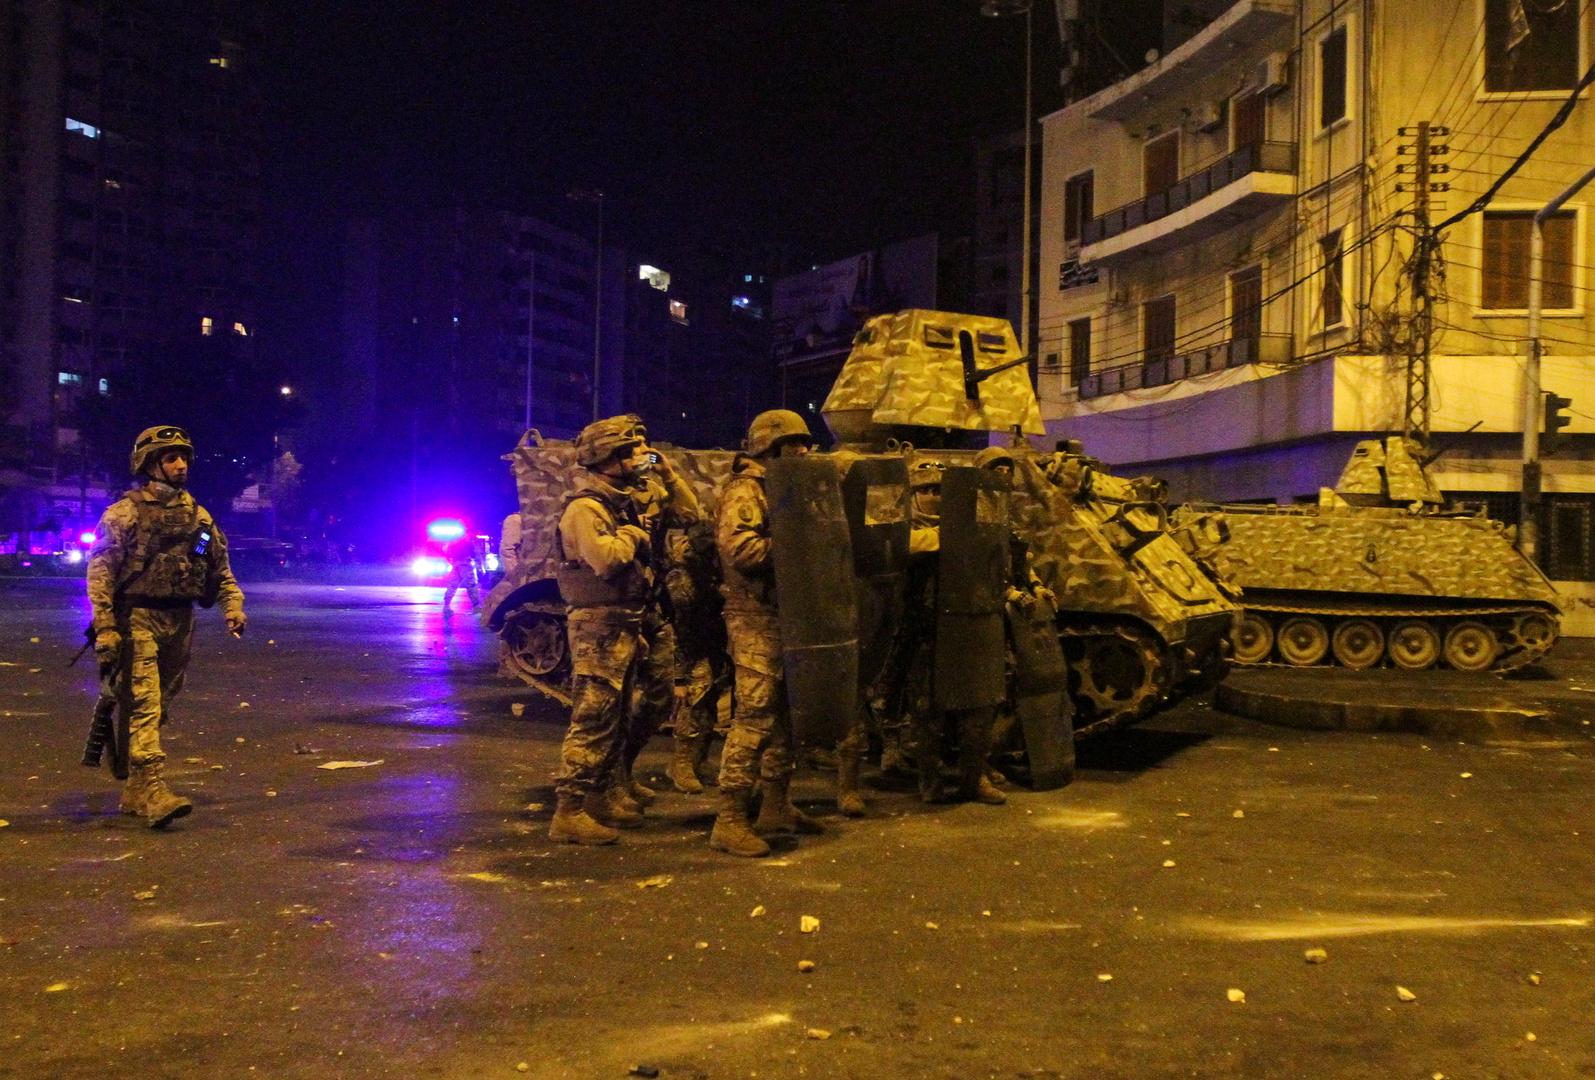 عناصر من الجيش اللبناني قرب آلية تابعة لهم